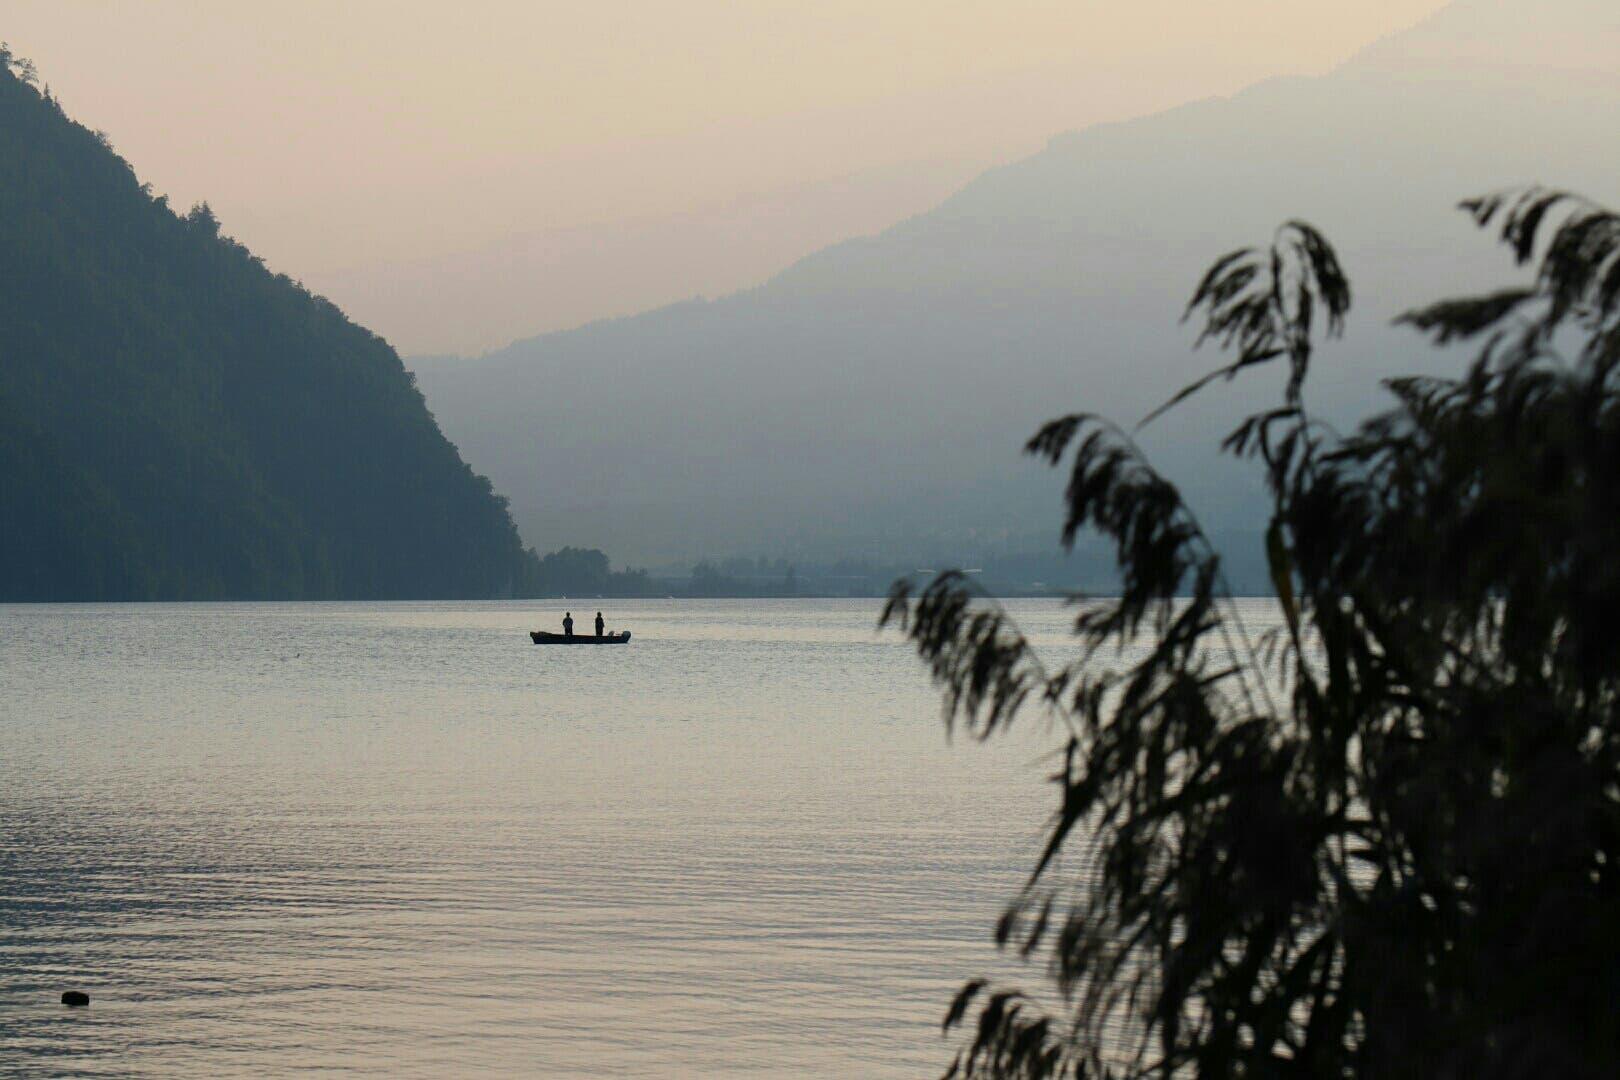 Ein einsames Fischerboot nach dem Sonnenuntergang auf dem Alpnachersee.